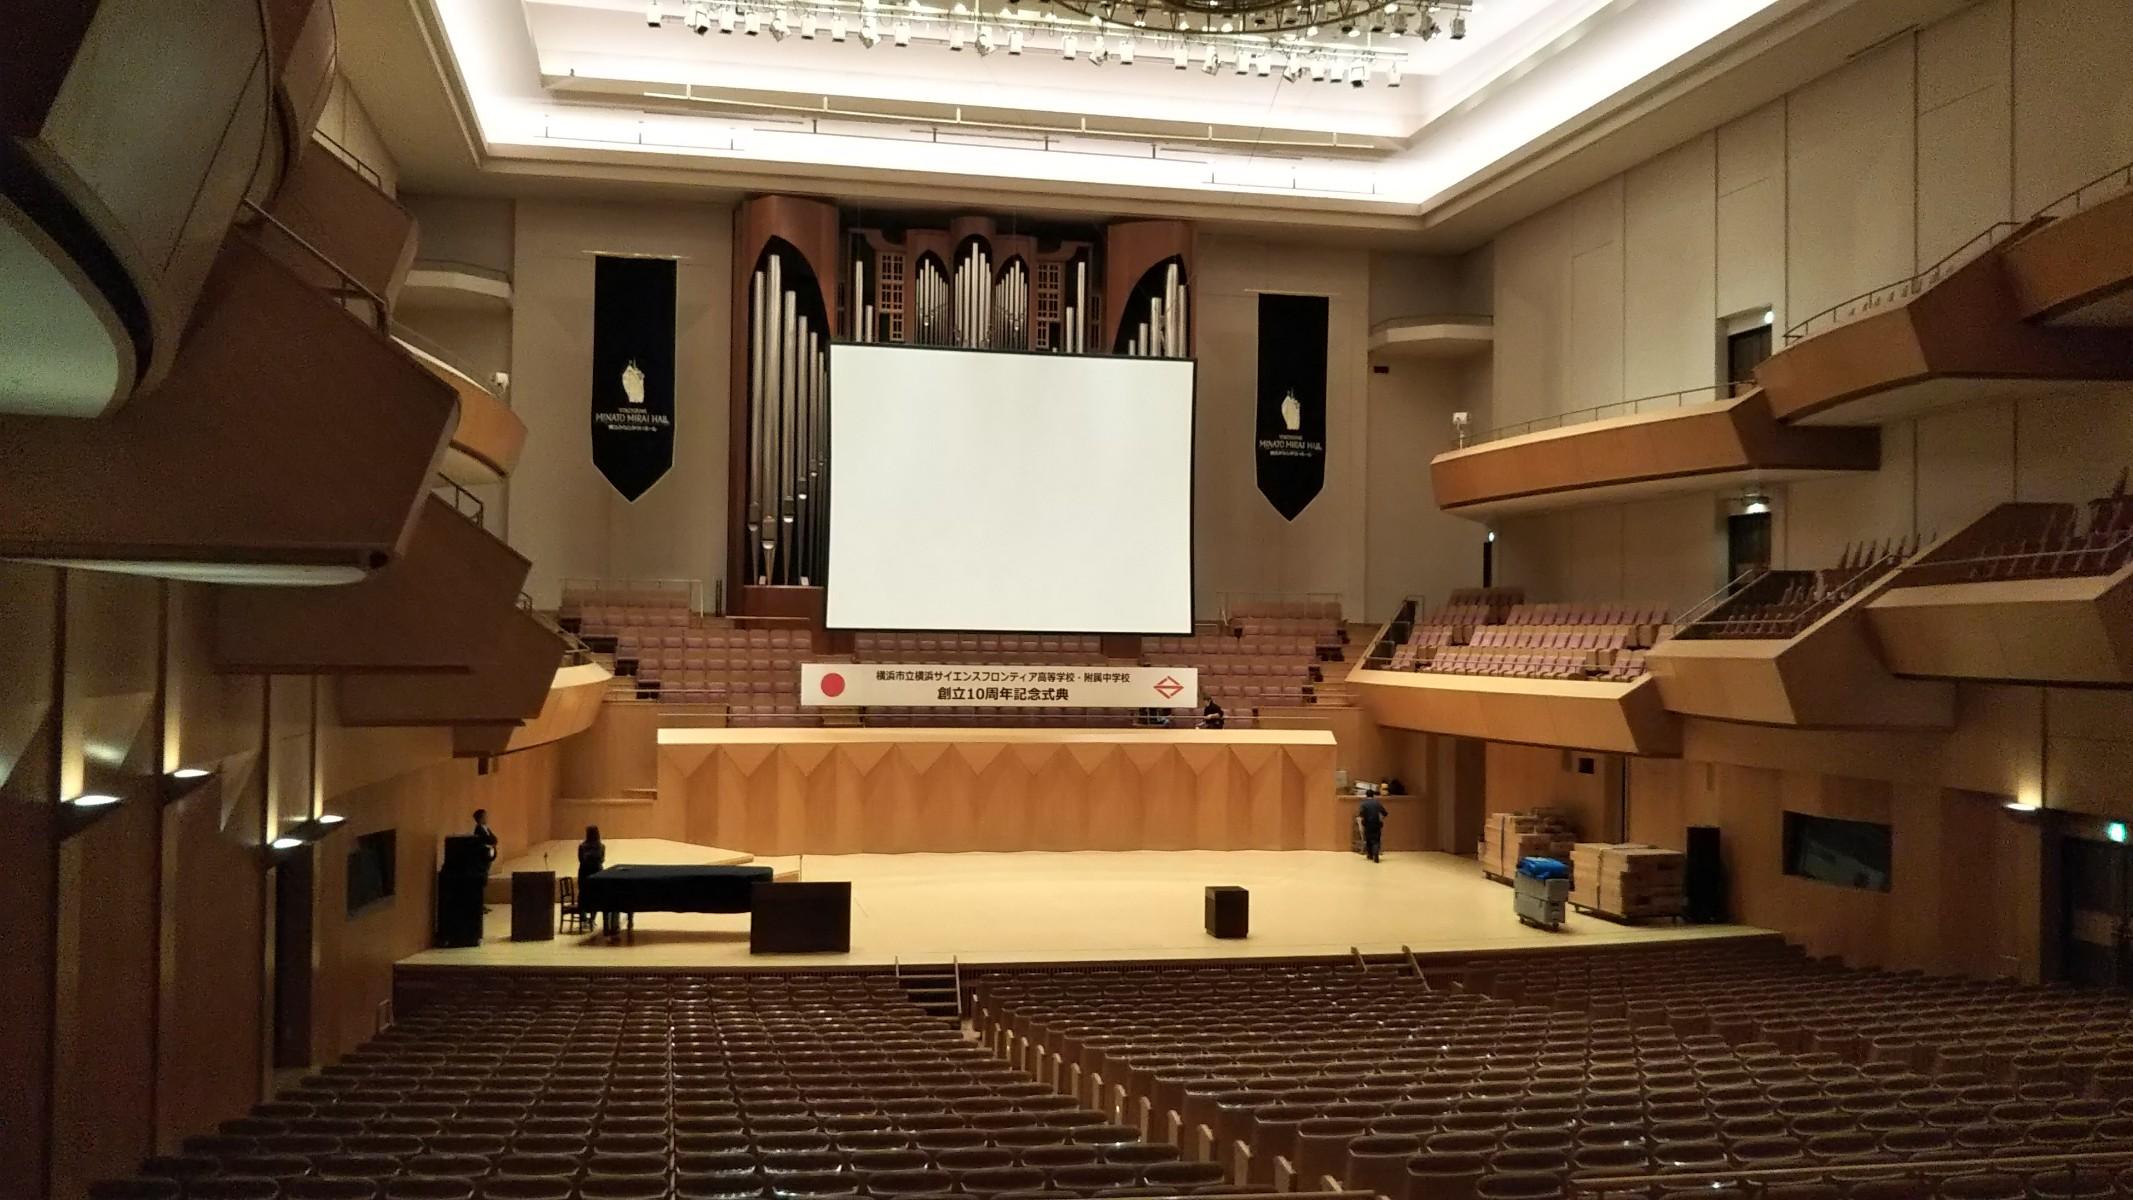 大型スクリーン、プロジェクターレンタルなら神奈川イベント会社